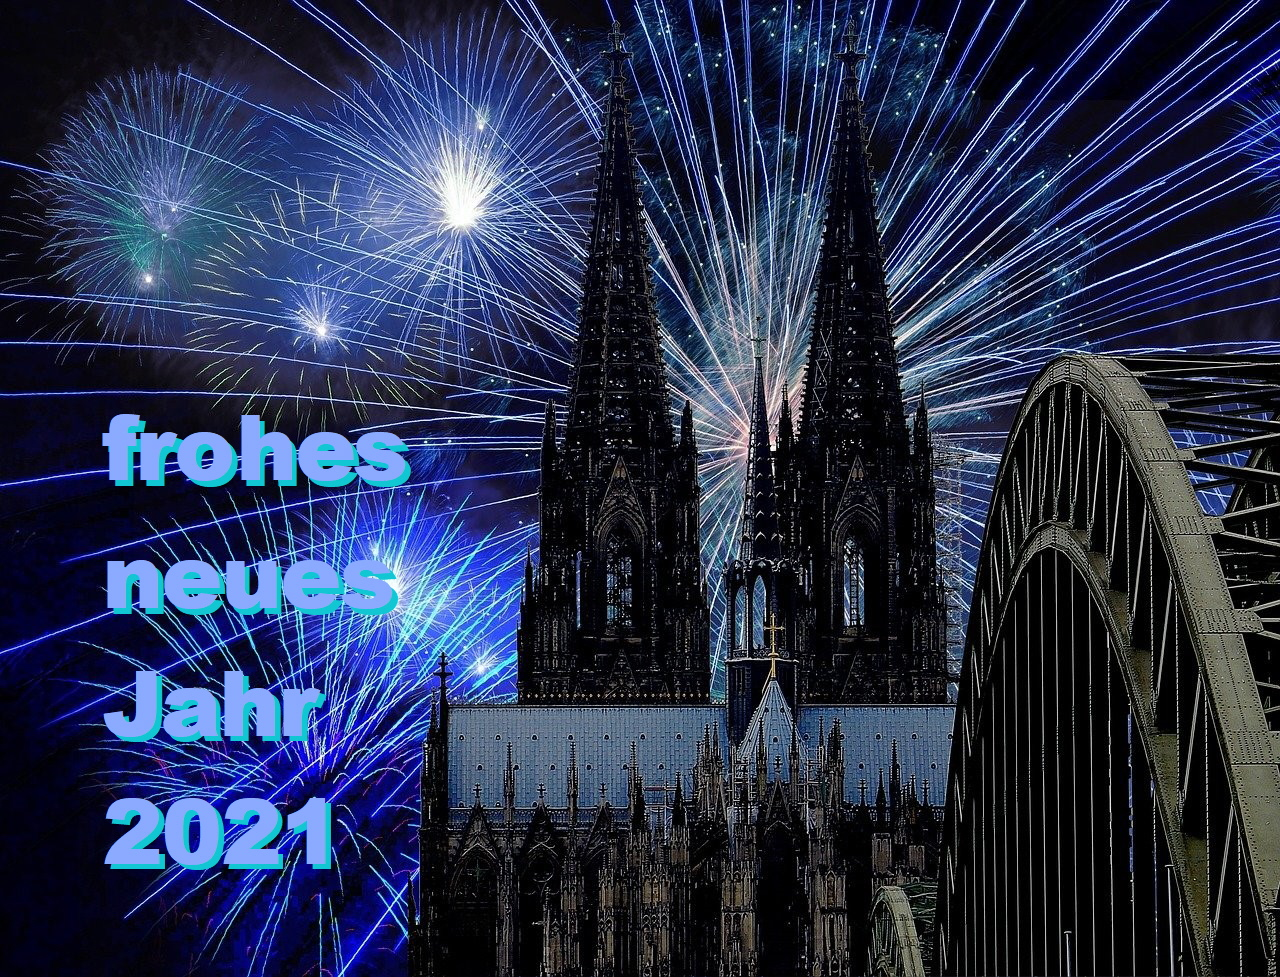 Frohes Neujahr 2021